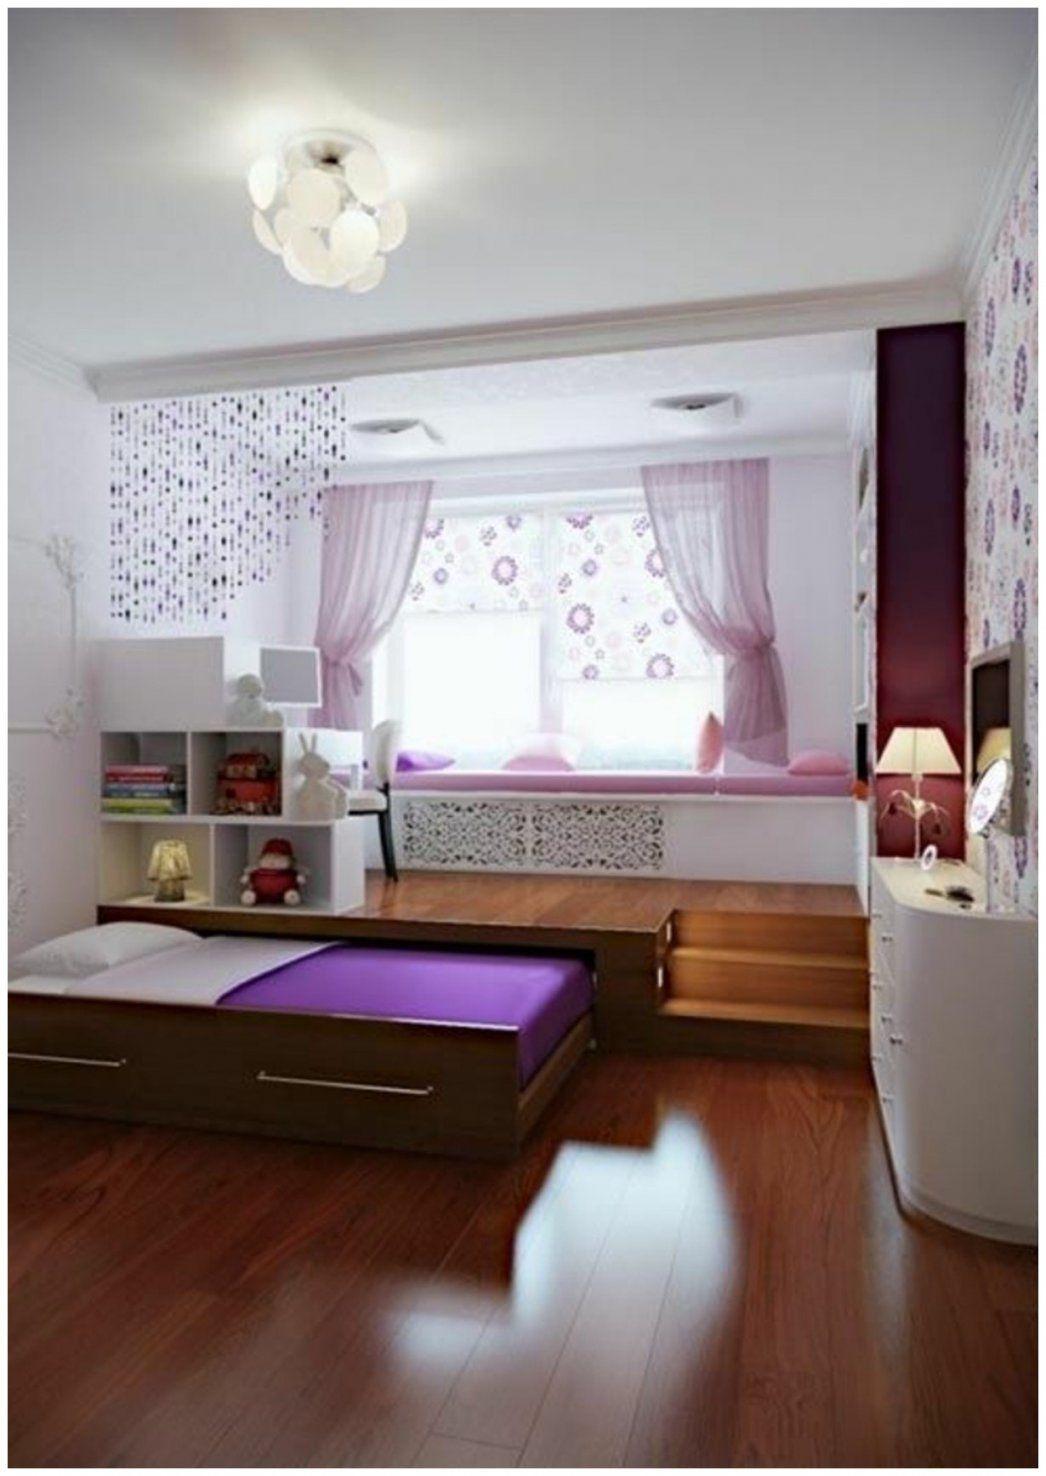 Genial Gardinen Jugendzimmer Bild Von Gardinen Ideen 52104 von Coole Gardinen Für Jugendzimmer Photo